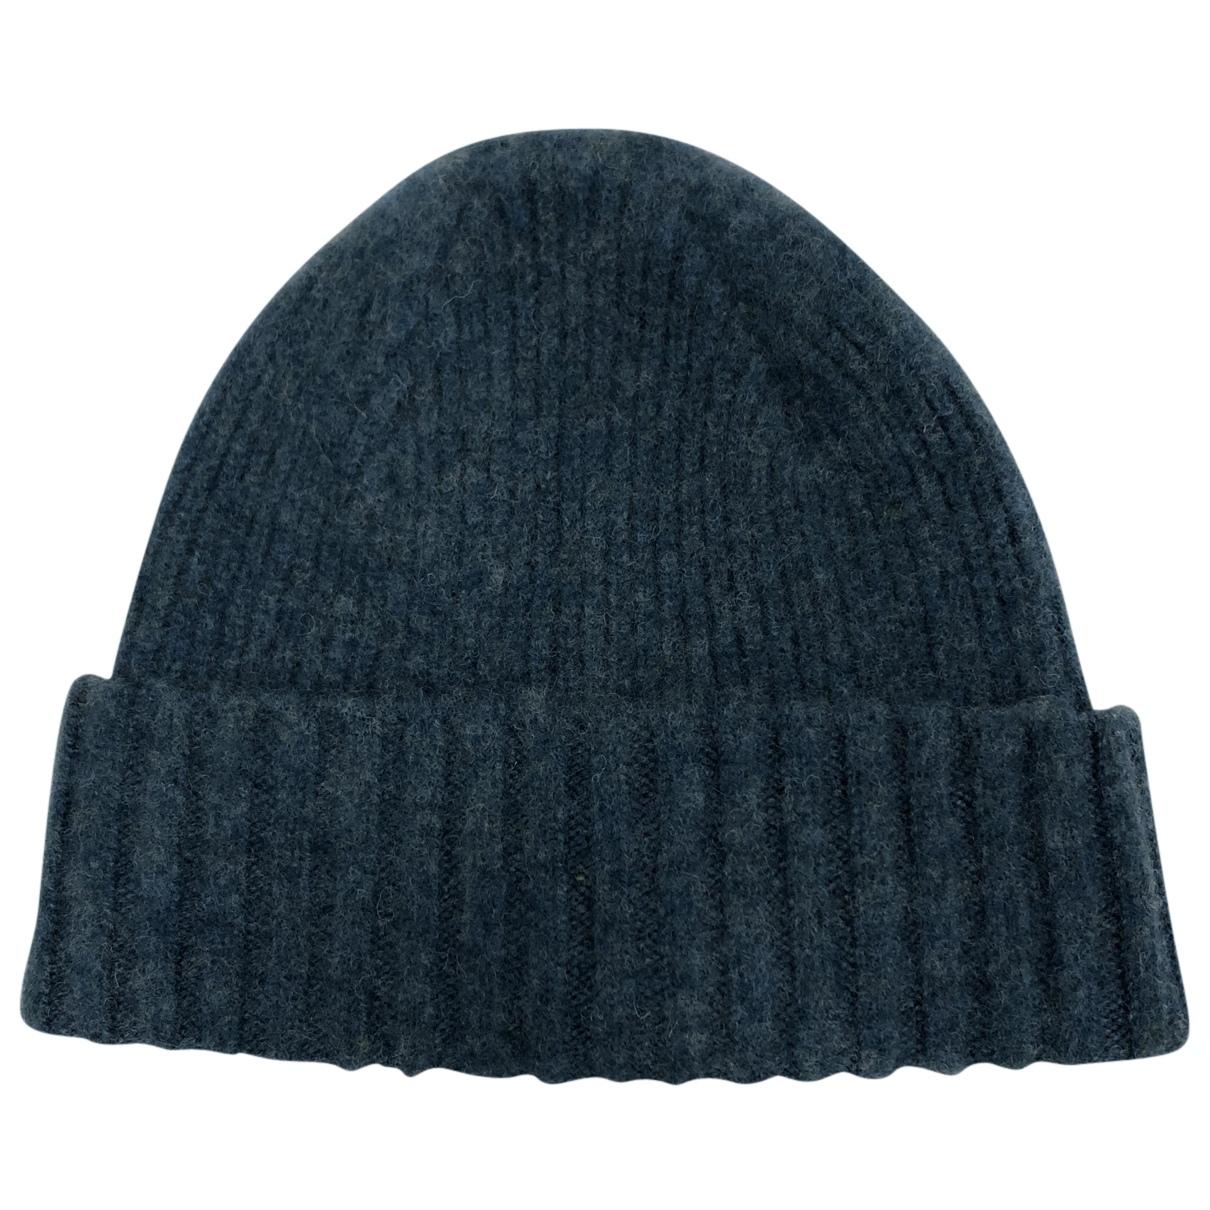 Sombrero / gorro de Lana Mr P.